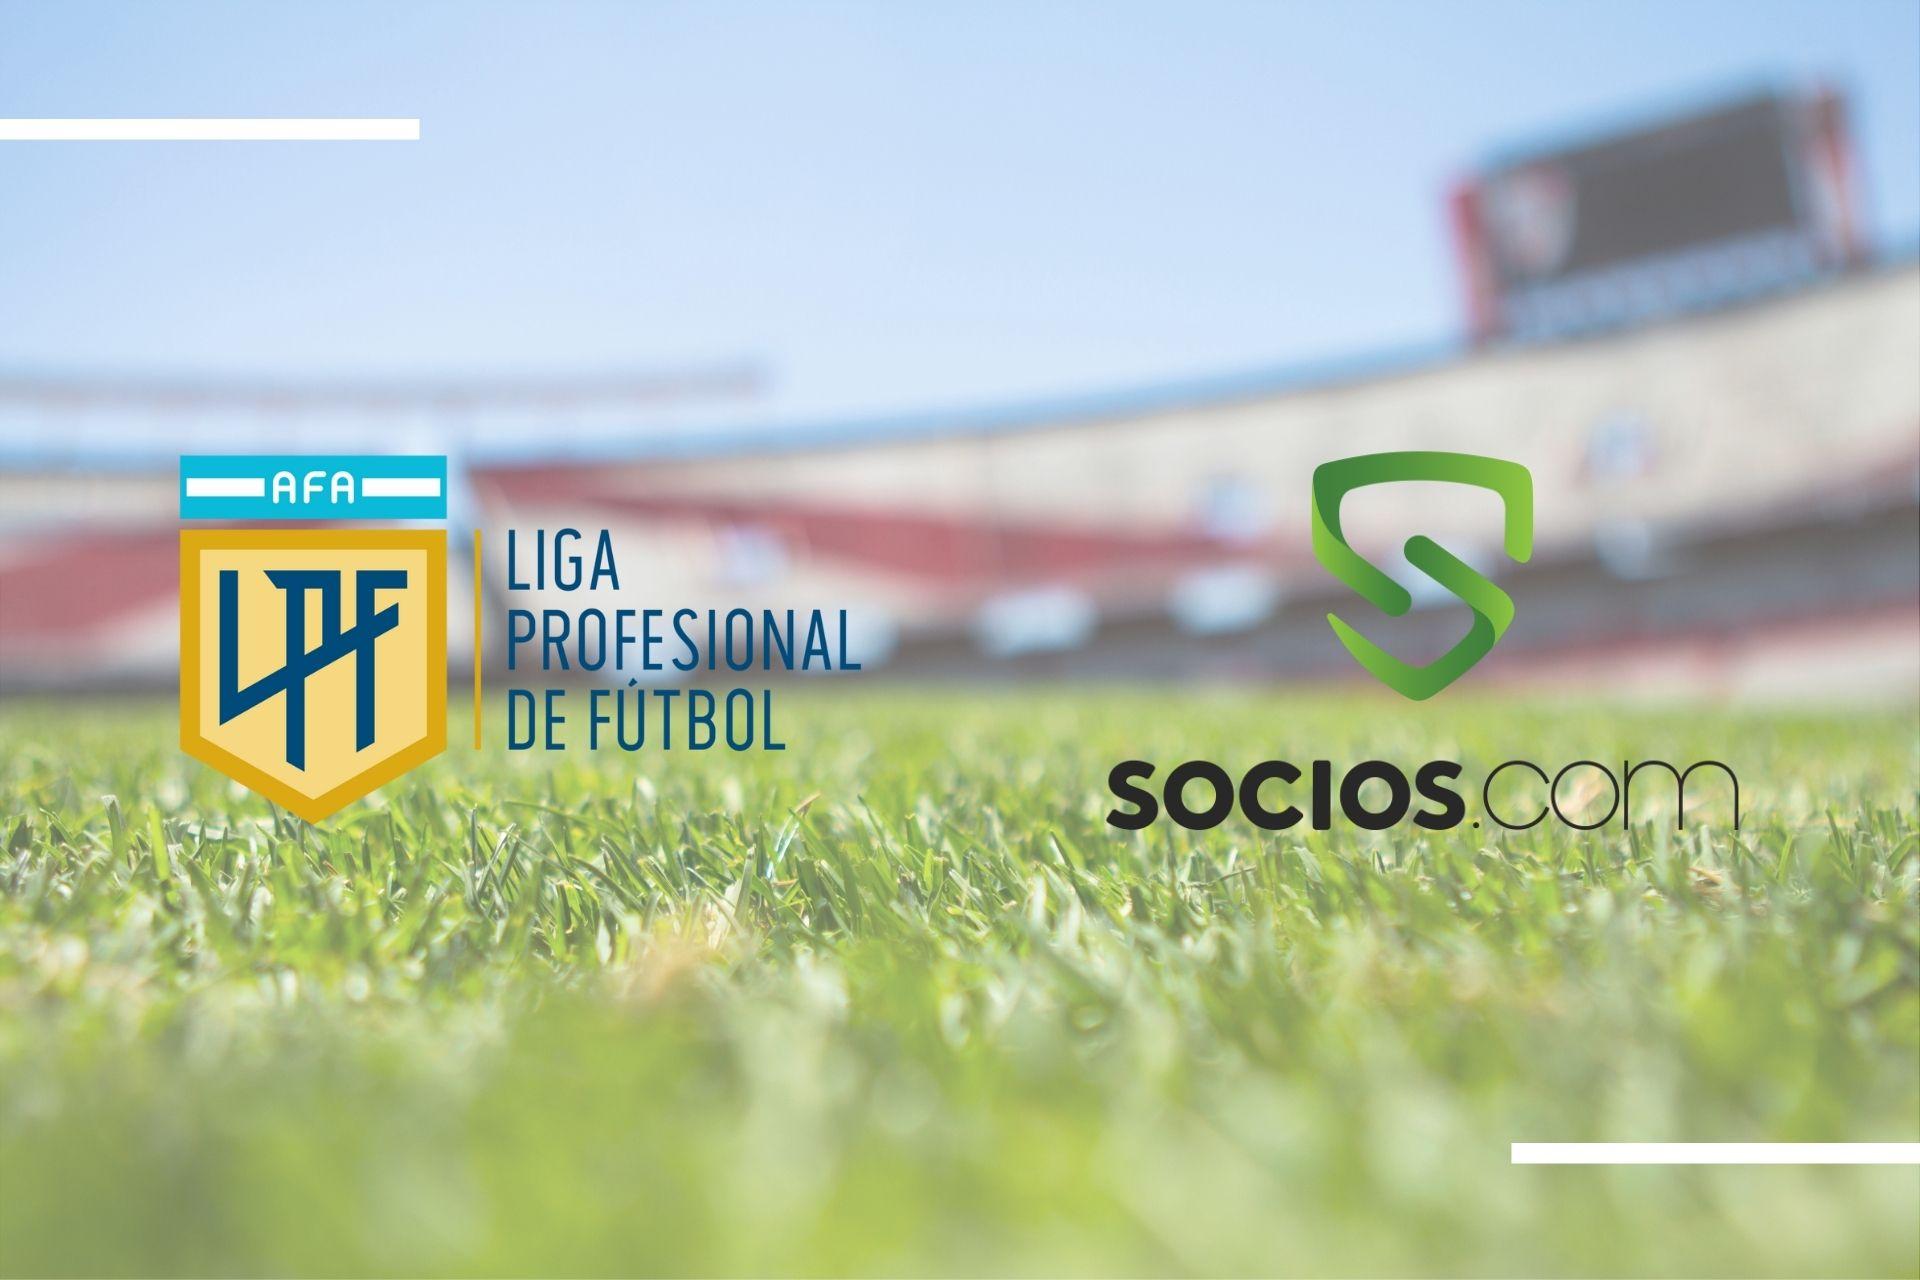 AFA y Chiliz, la liga de fútbol profesional argentina pasará a llamarse Torneo Socioscom, ampliando así la exposición de la plataforma de tokens para fanáticos